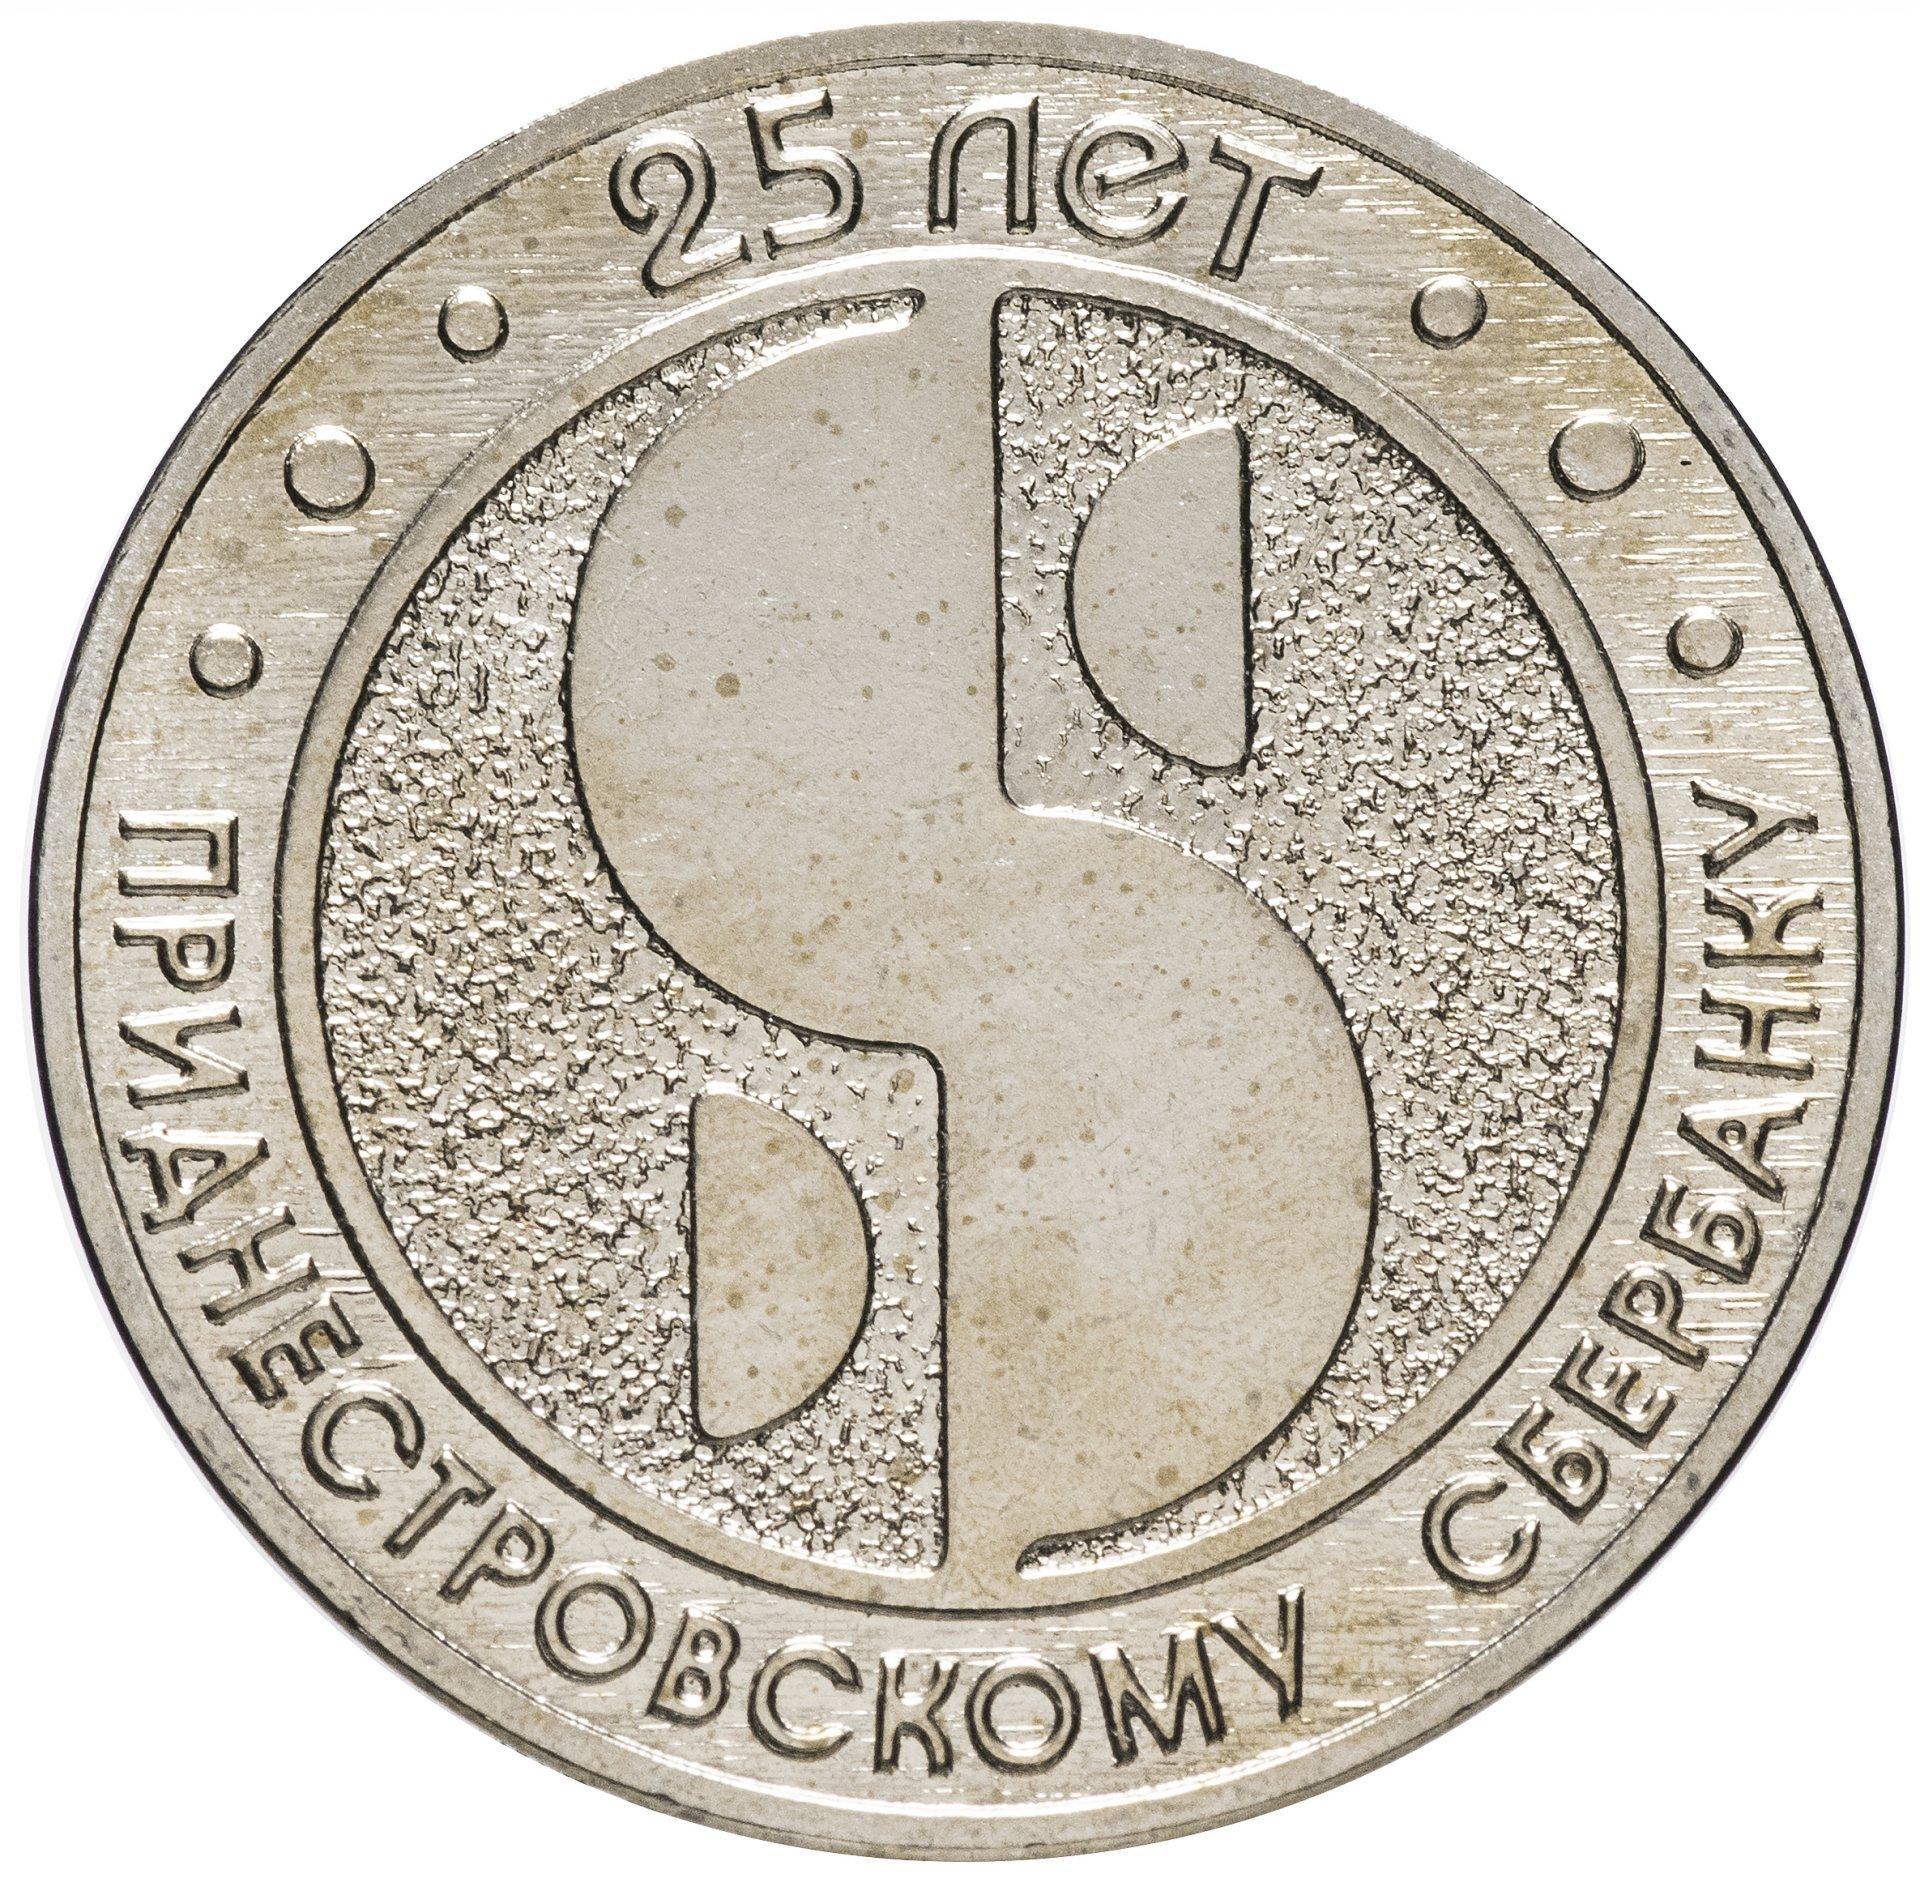 25 рублей 2017 года. 25 лет Сбербанку. Приднестровье.